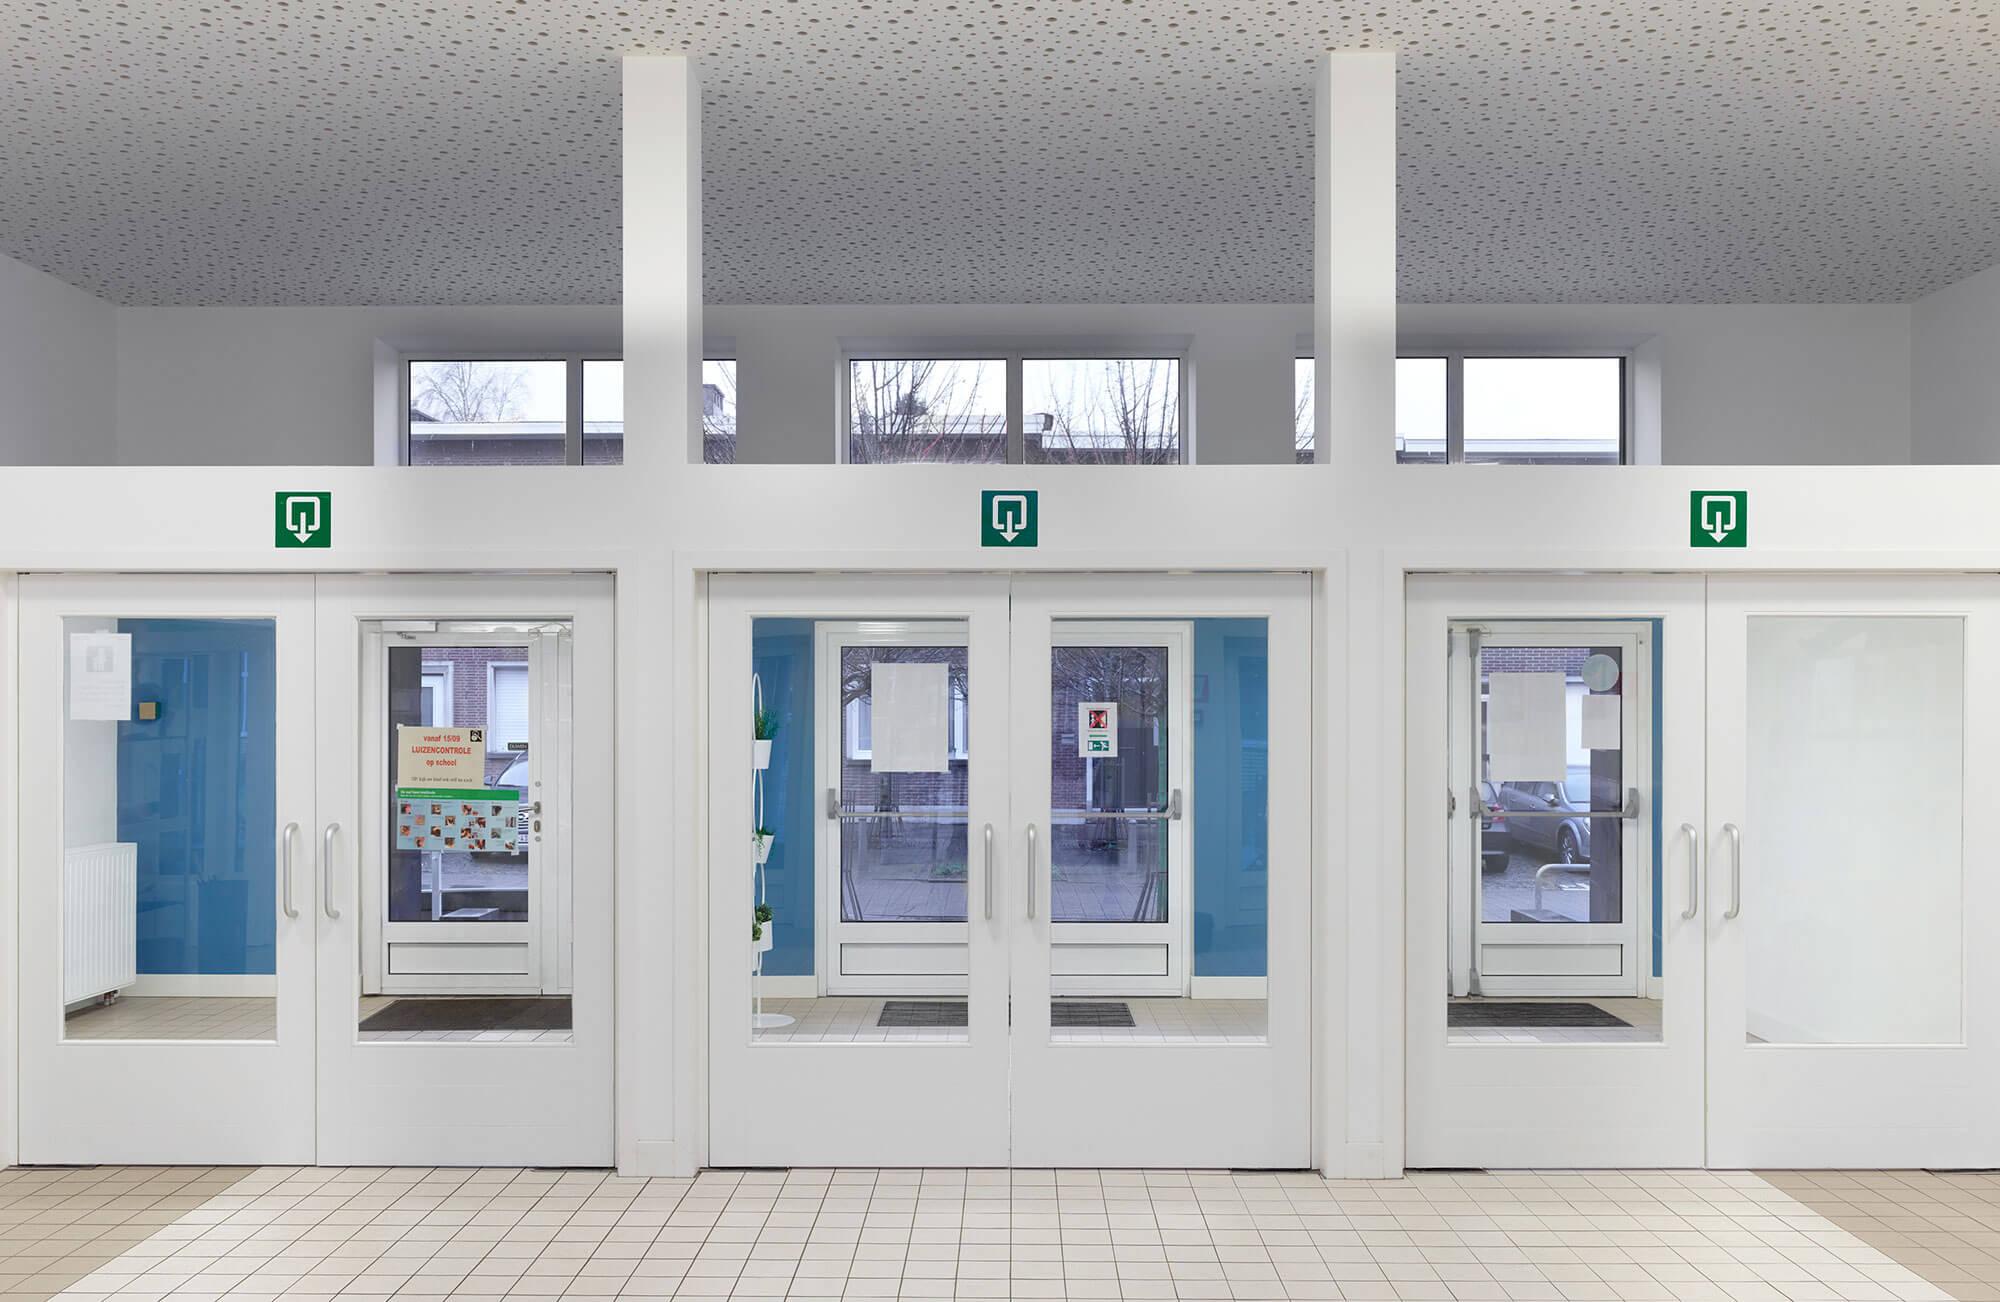 De grote inkom, voorzien van 2x drie dubbele deuren voor een maximale doorstroom.